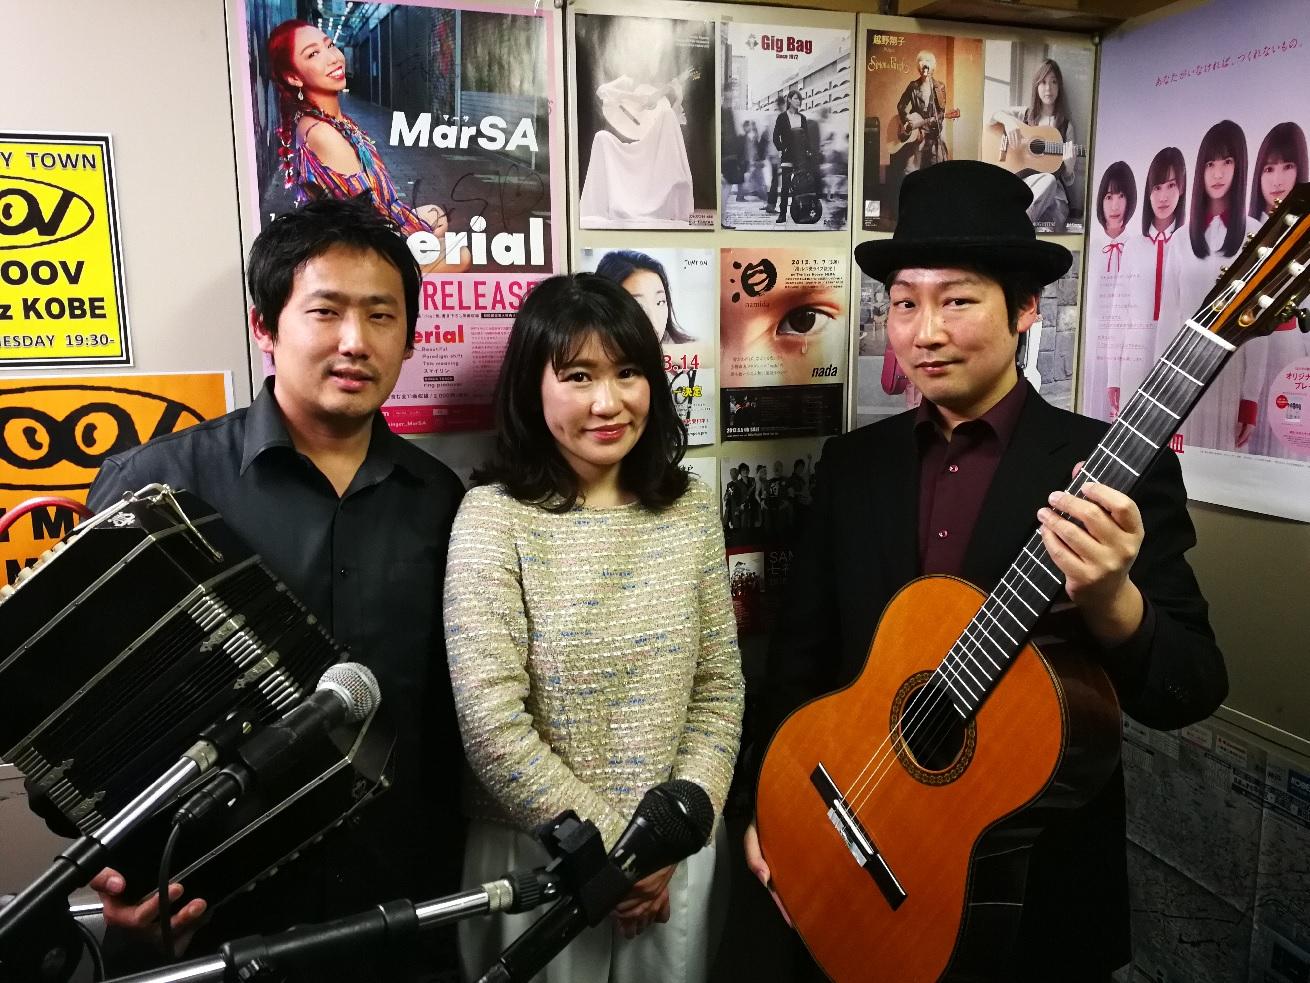 バンドネオン&ギター タンゴ・グレリオ 米阪隆広 星野俊路